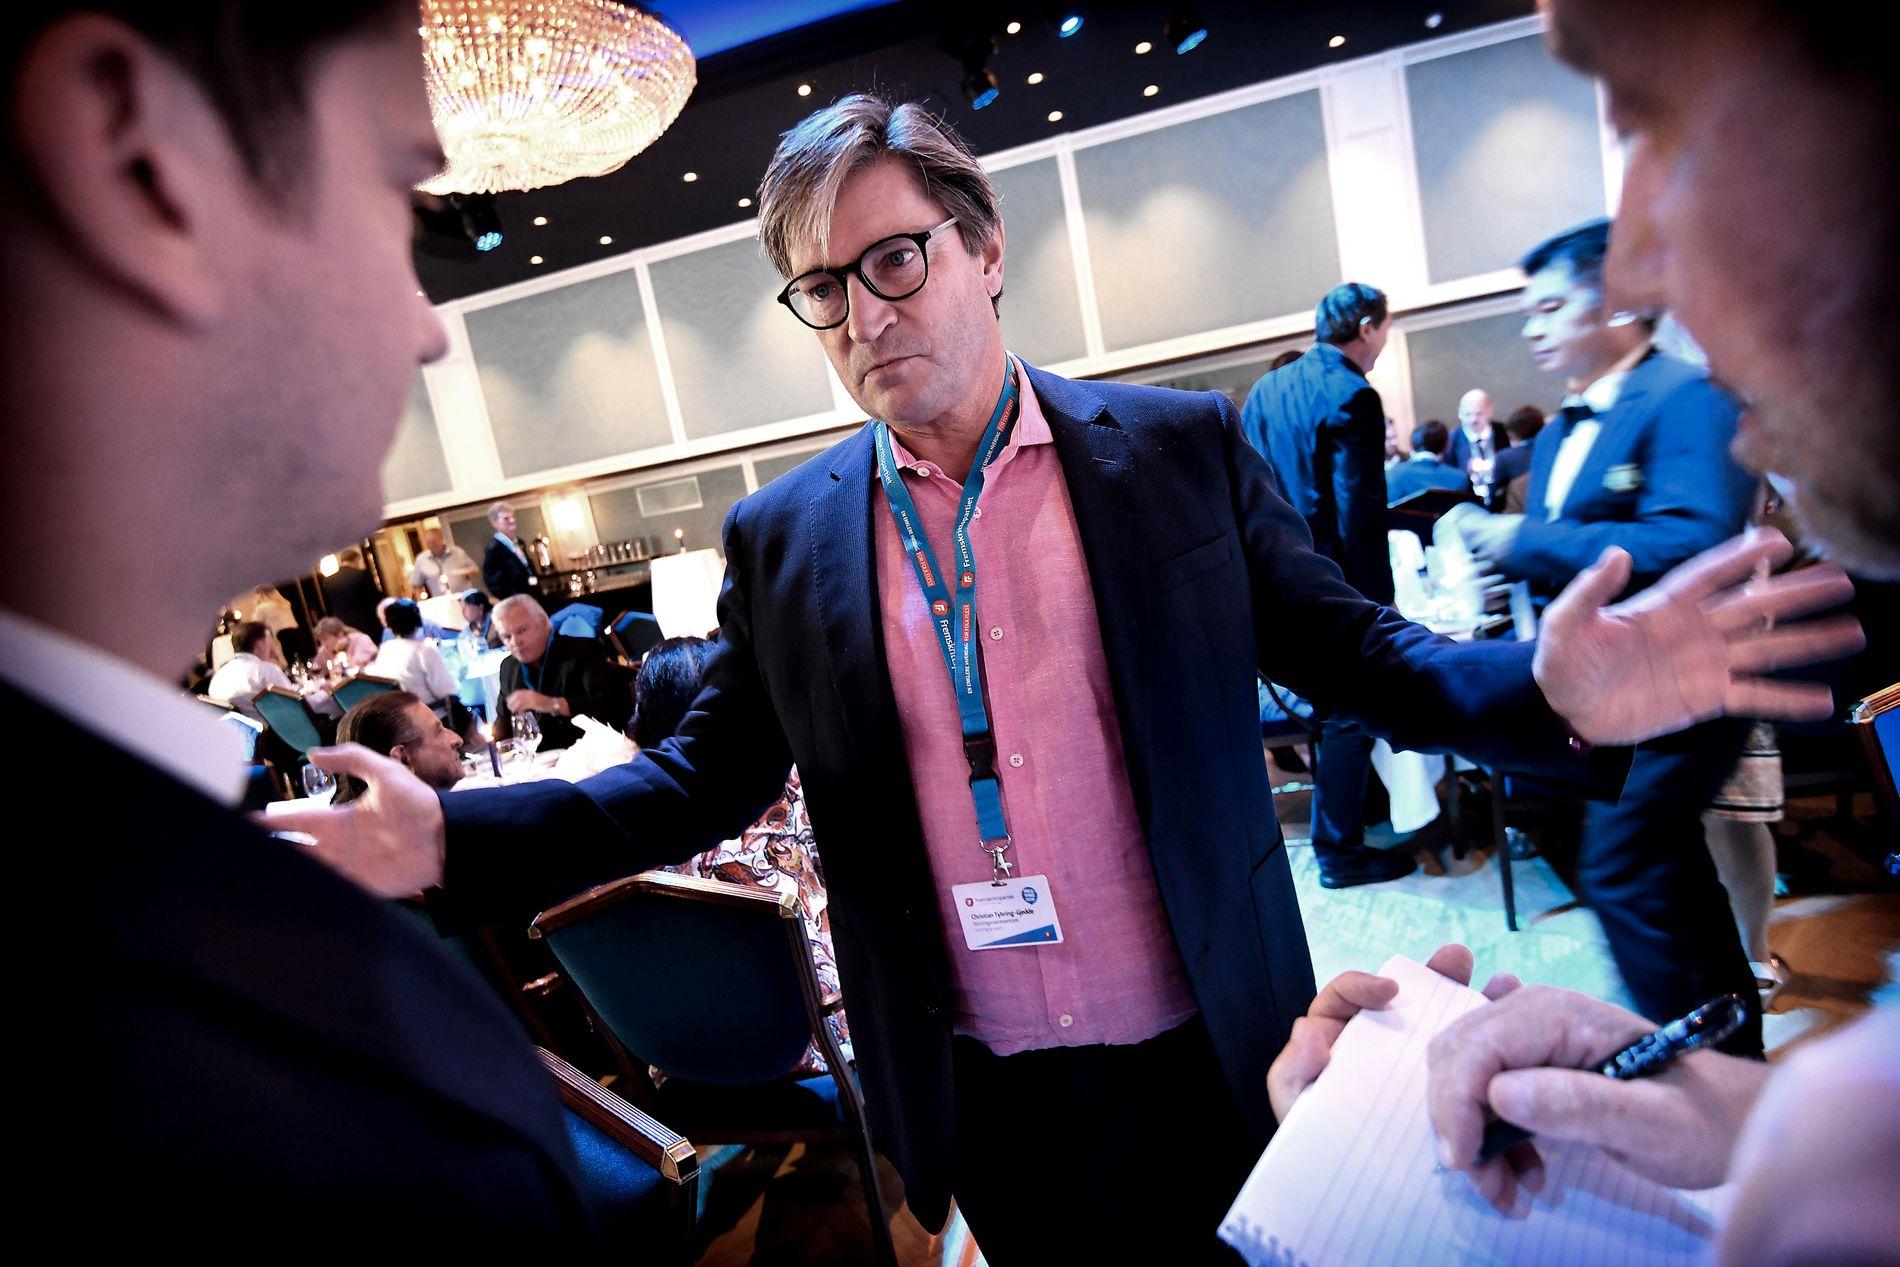 DALENDE RESULTAT: Frps Christian Tybring-Gjedde på partiets valgvake da prognosene ble offentliggjort klokken 21.